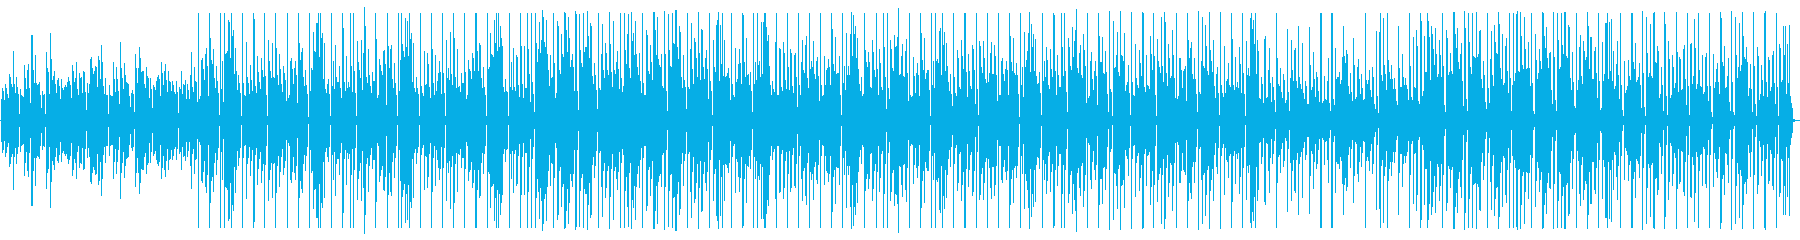 ピアノの旋律が印象的なワルツの再生済みの波形